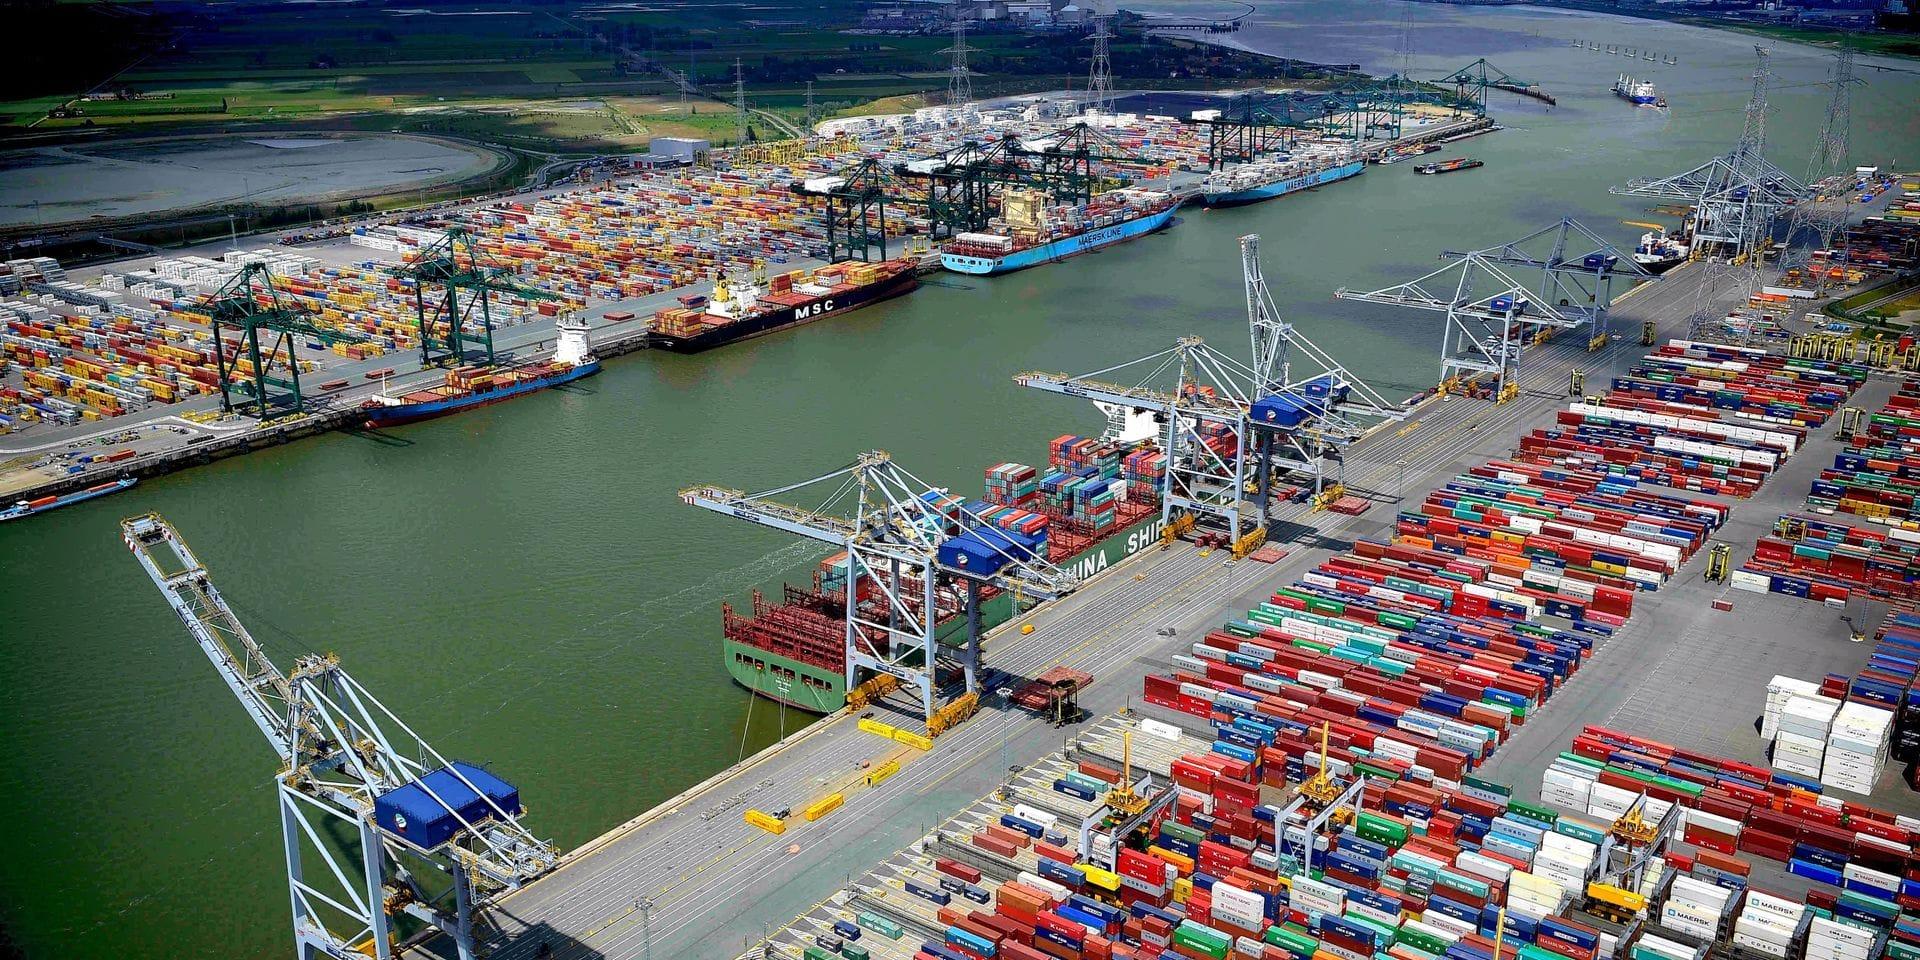 Dans les coulisses du port d'Anvers, ce poumon économique